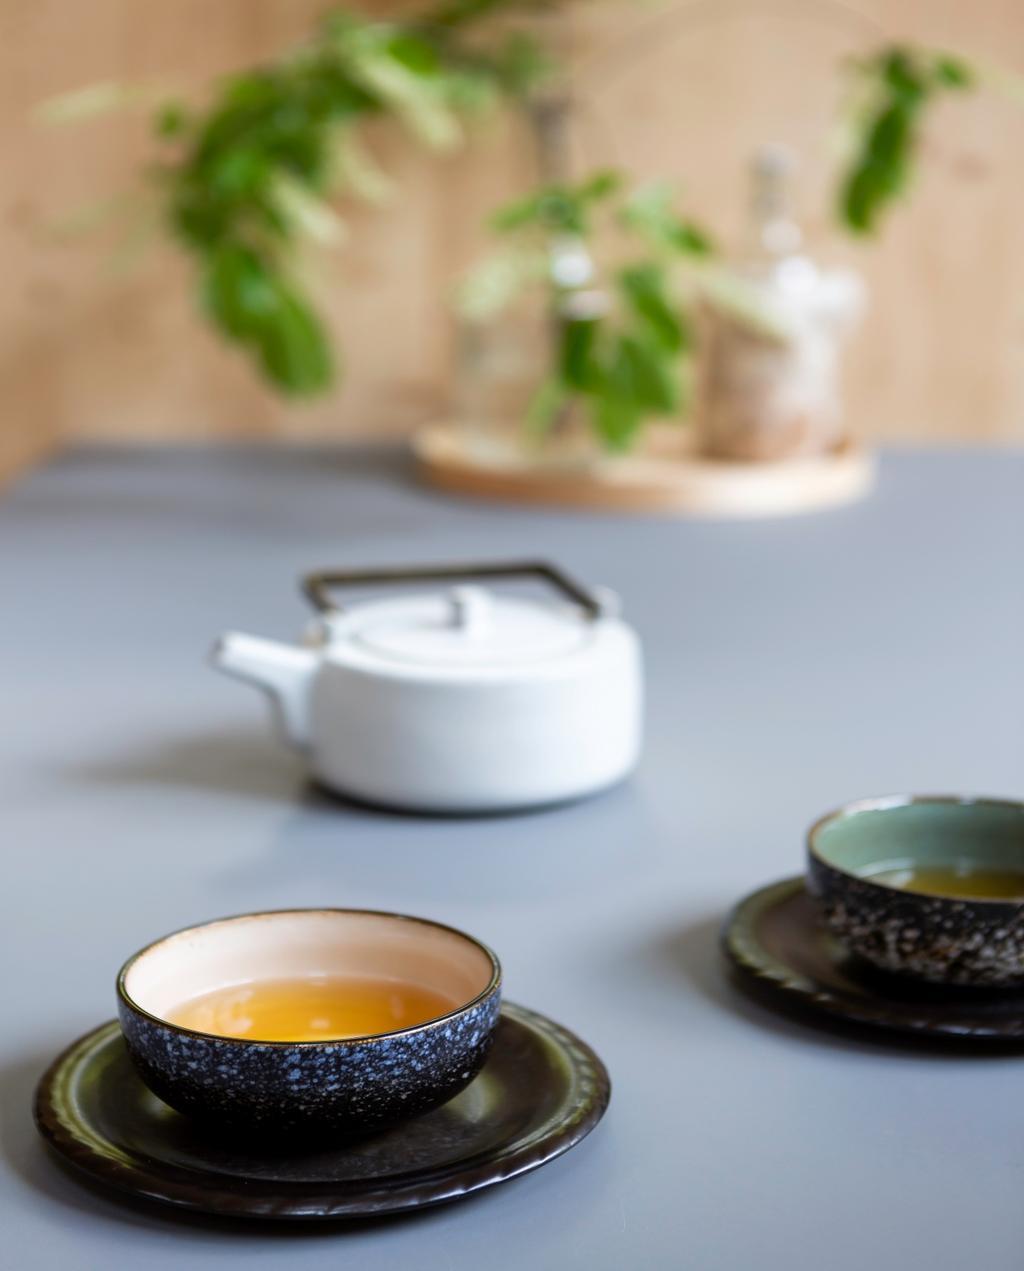 vtwonen 08-2020 | binnenkijken Barchem thee met kopjes